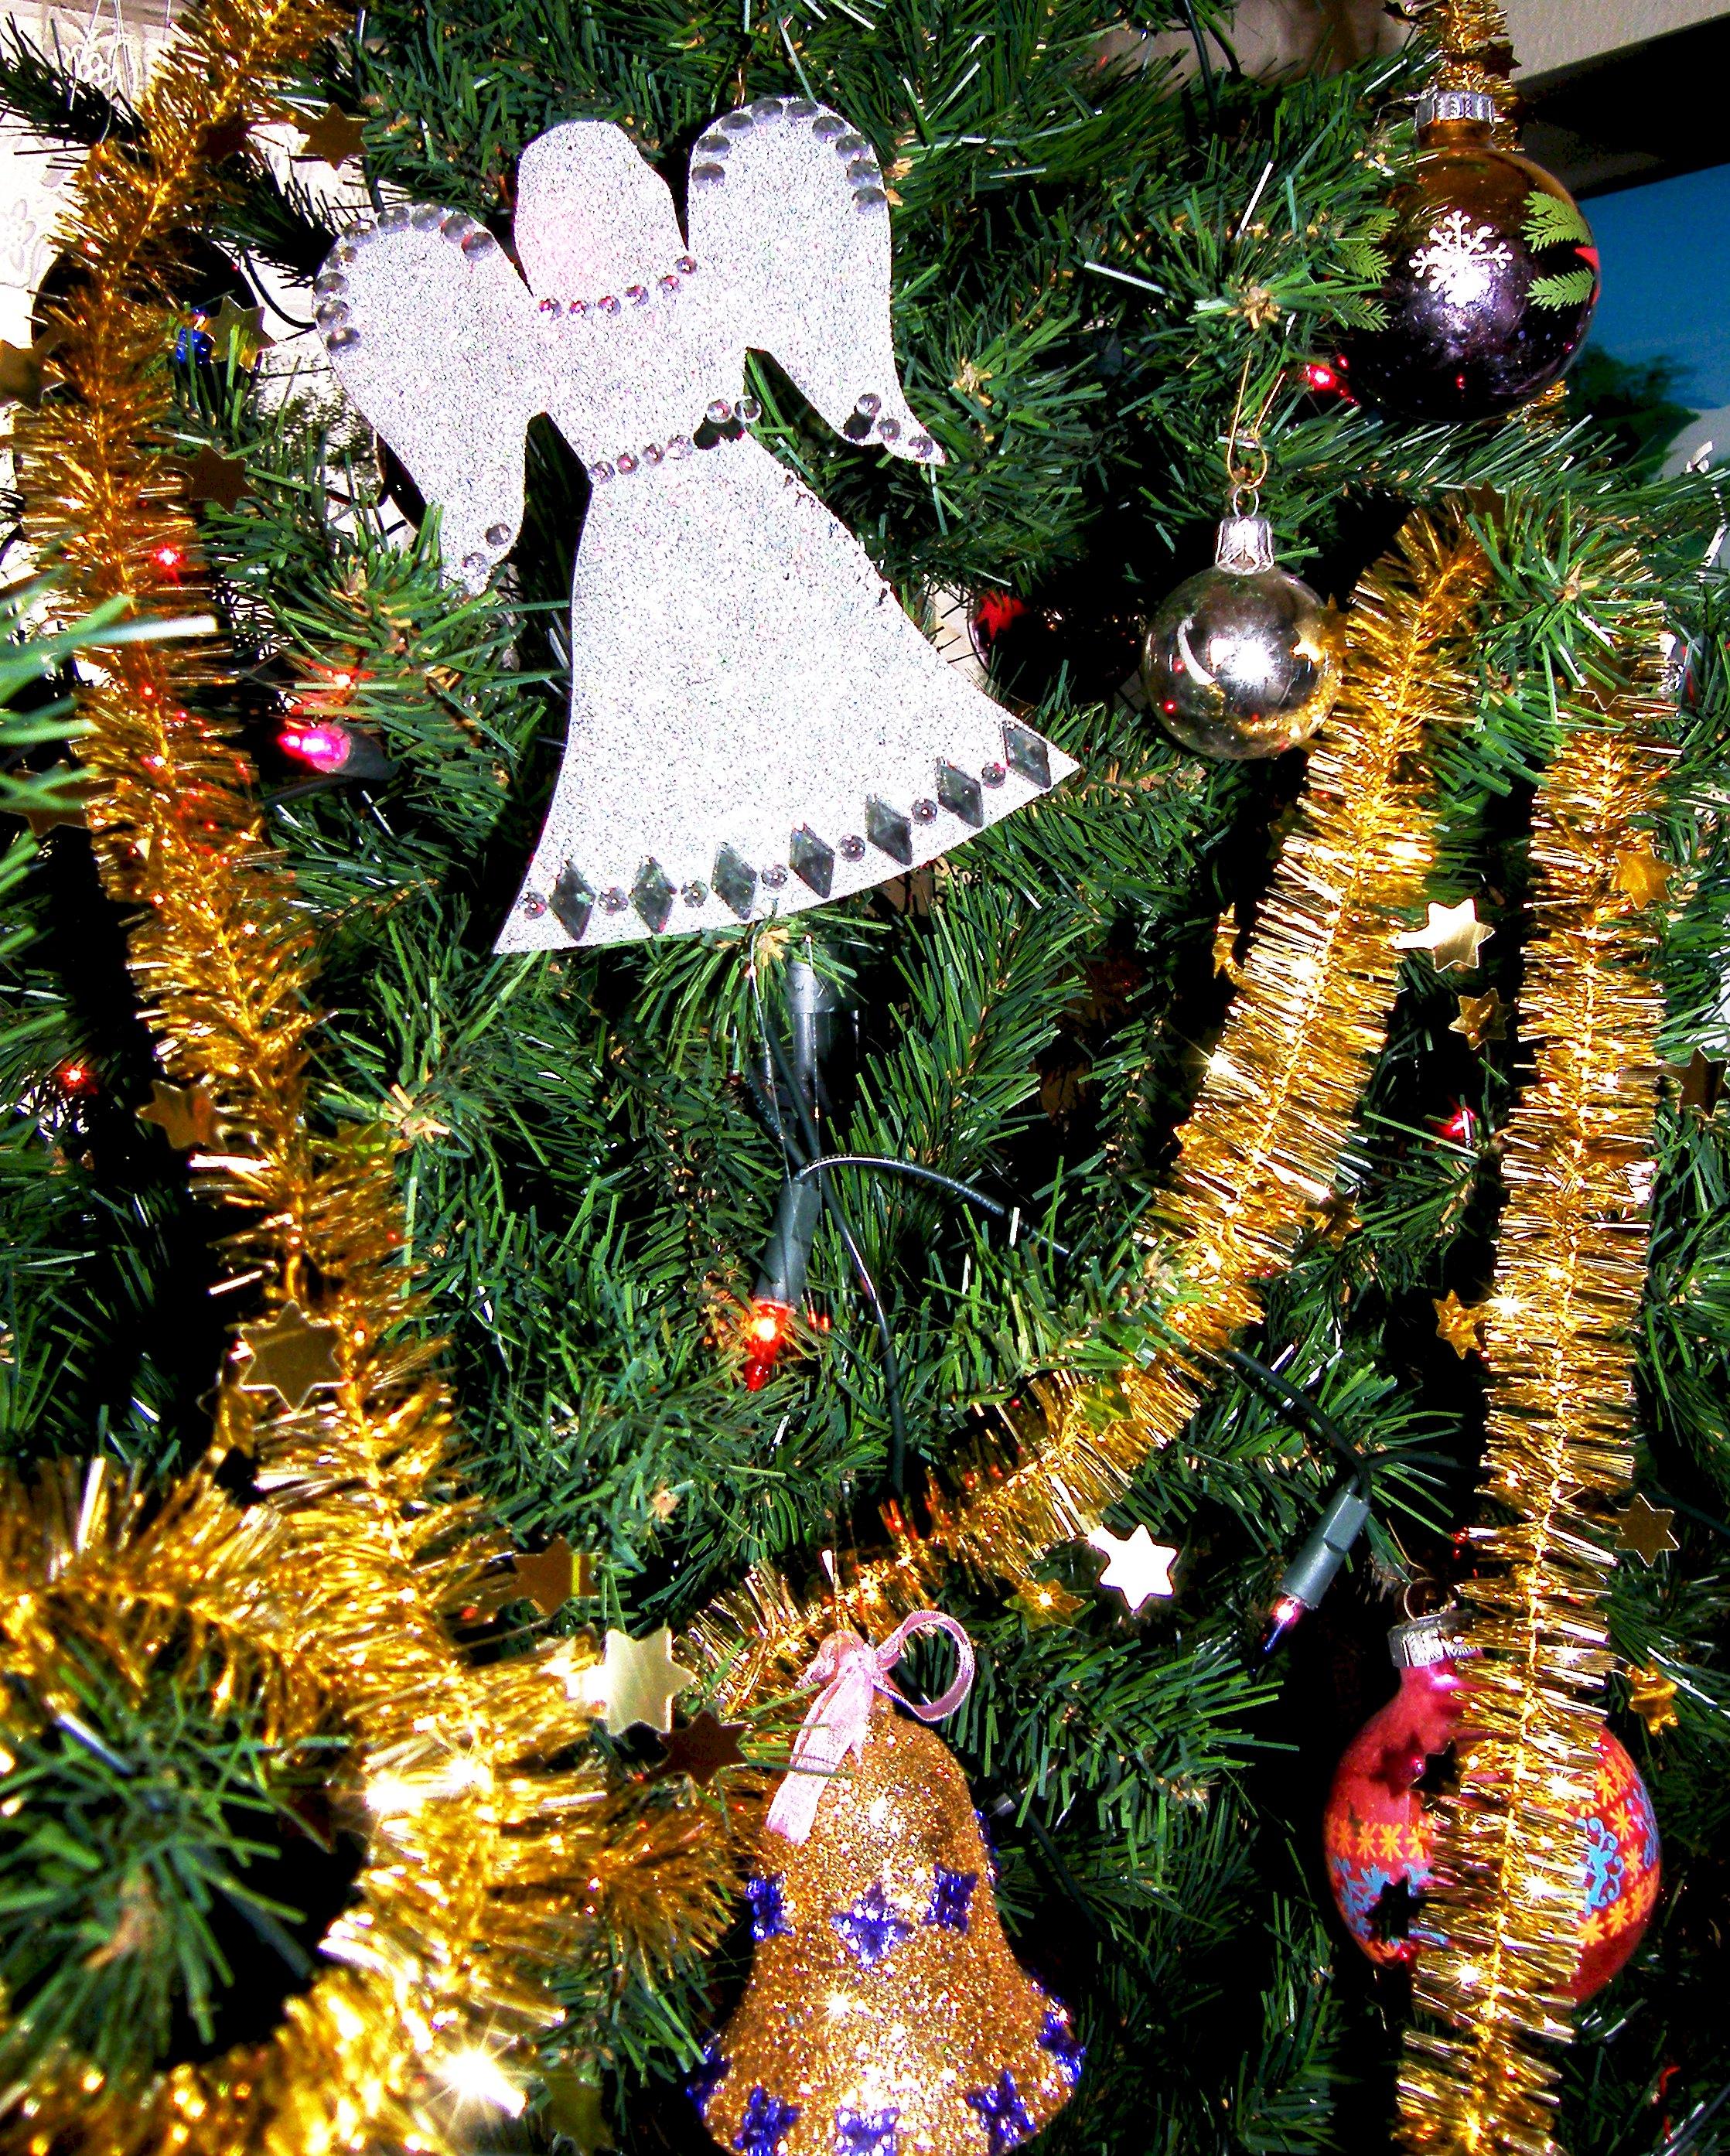 Weihnachtsgrüße Aus Berlin.Weihnachtsgrüße Berliner Schachverband